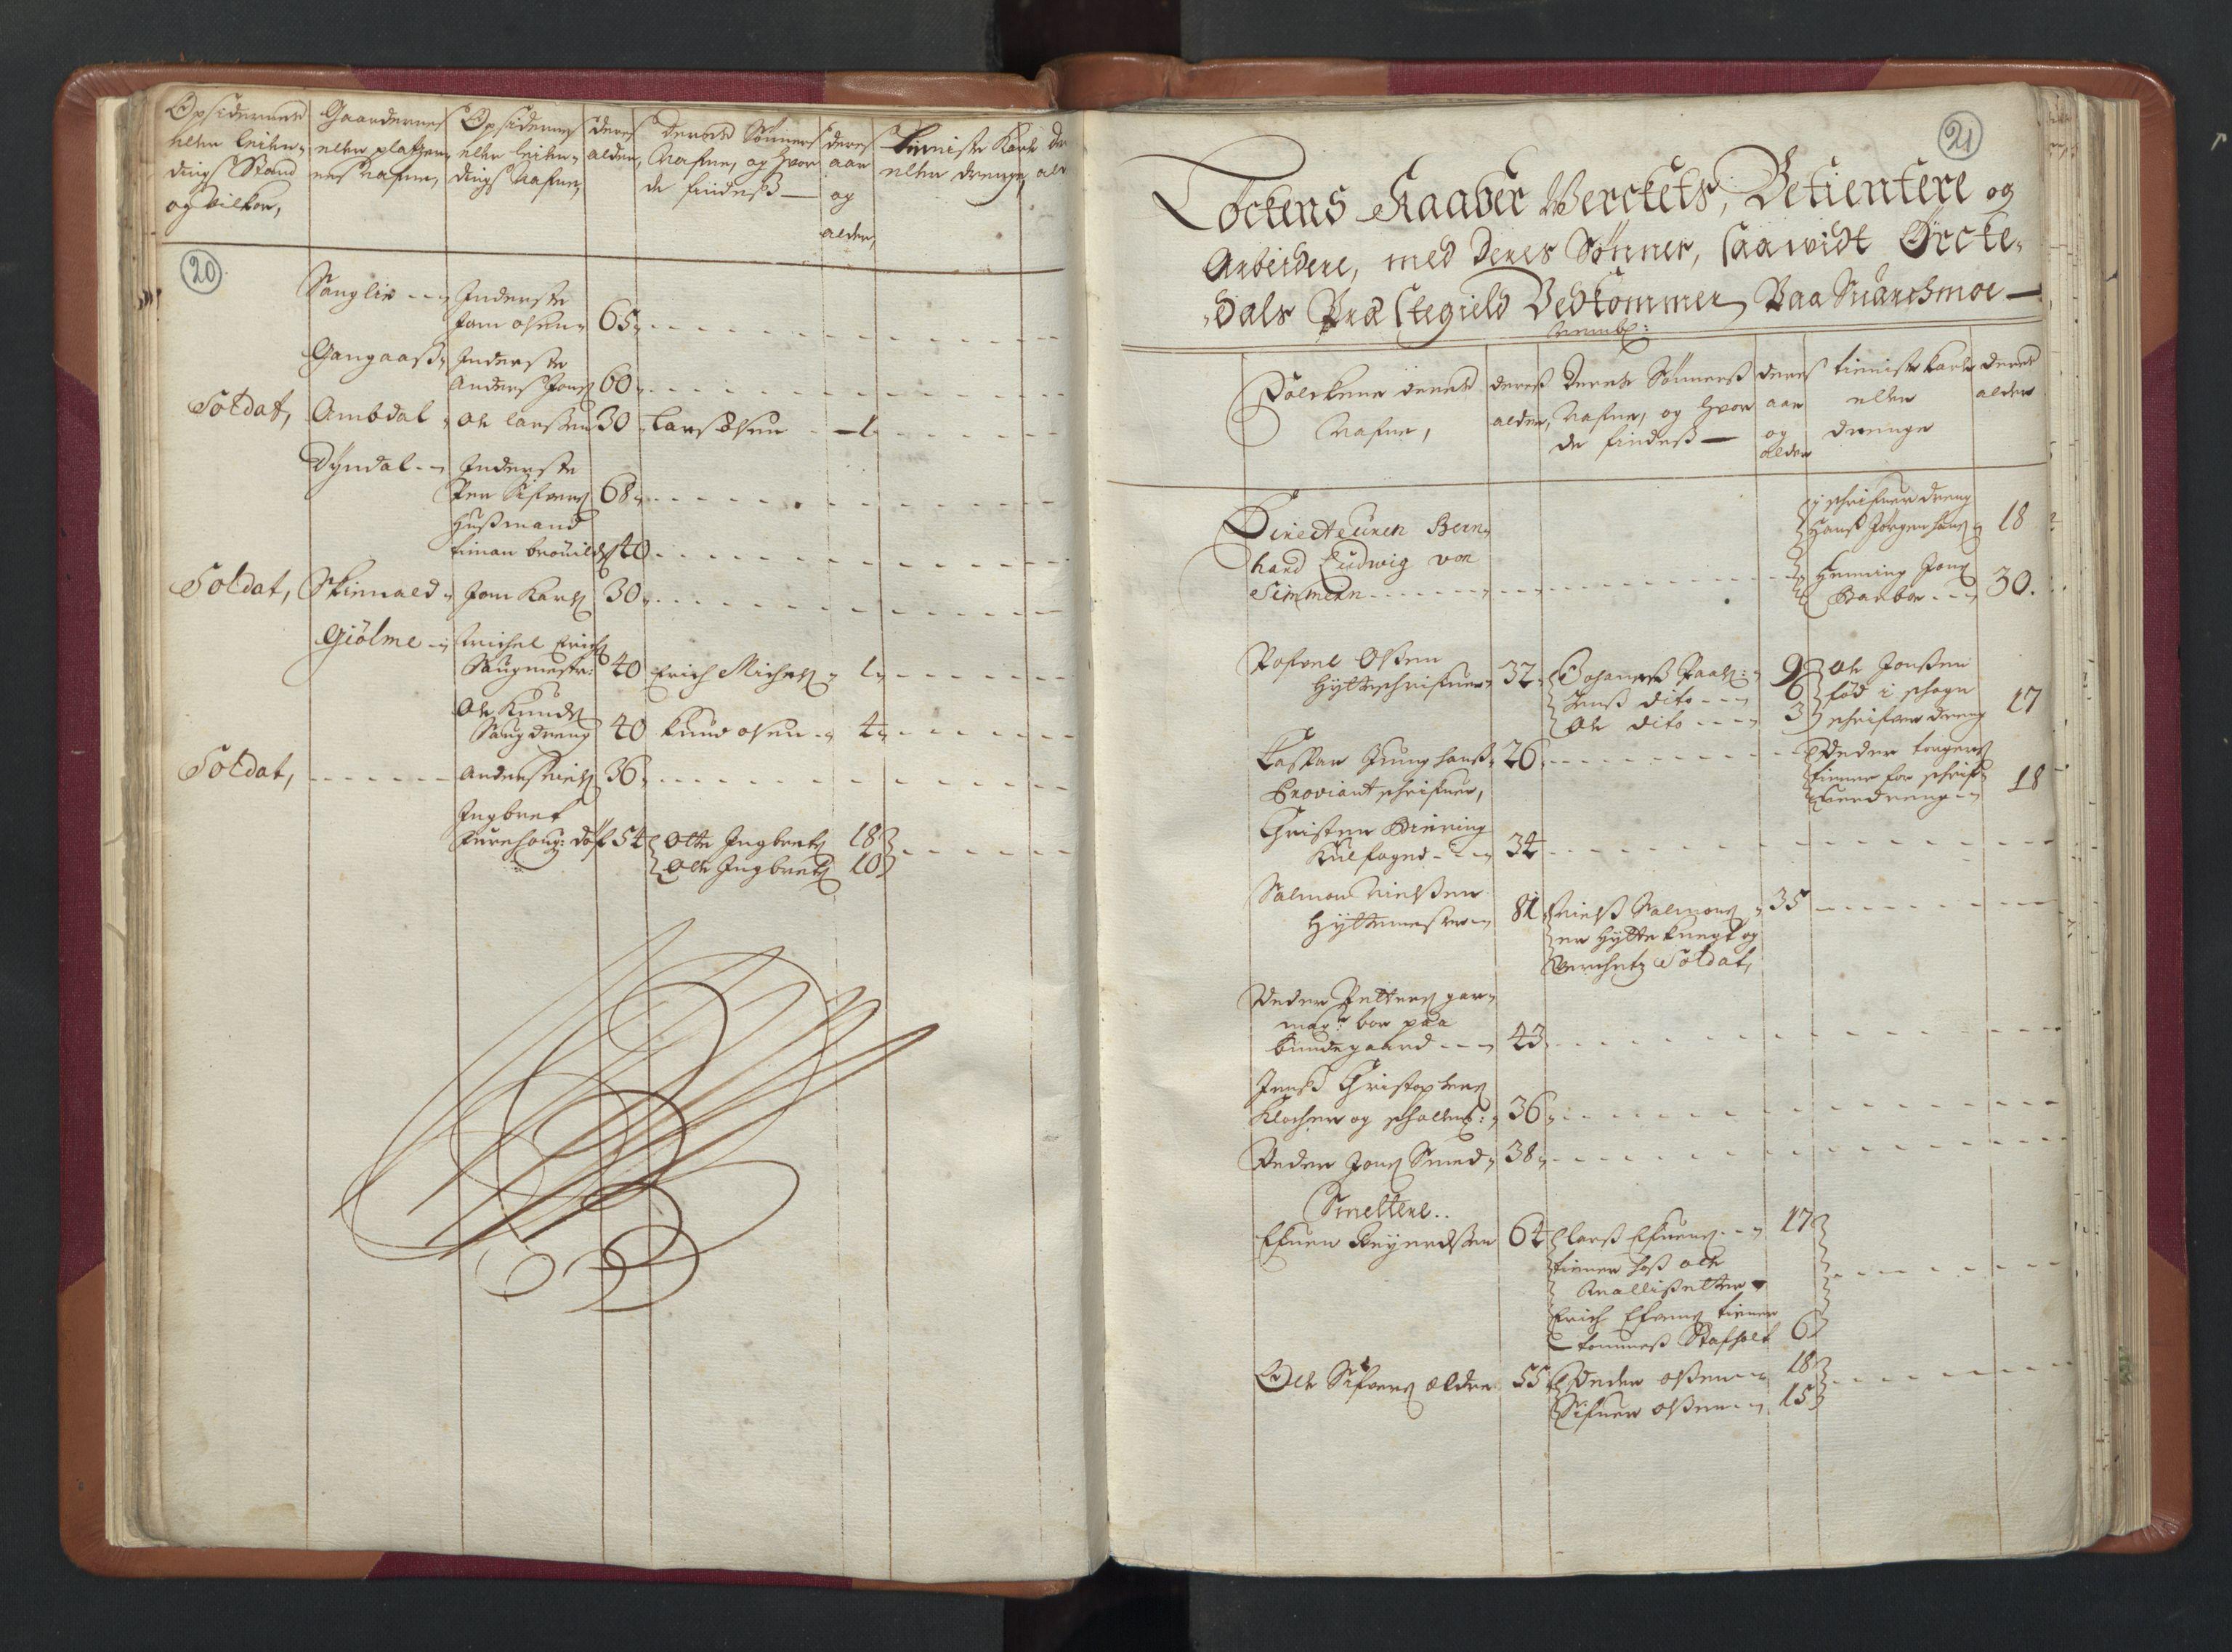 RA, Manntallet 1701, nr. 13: Orkdal fogderi og Gauldal fogderi med Røros kobberverk, 1701, s. 20-21